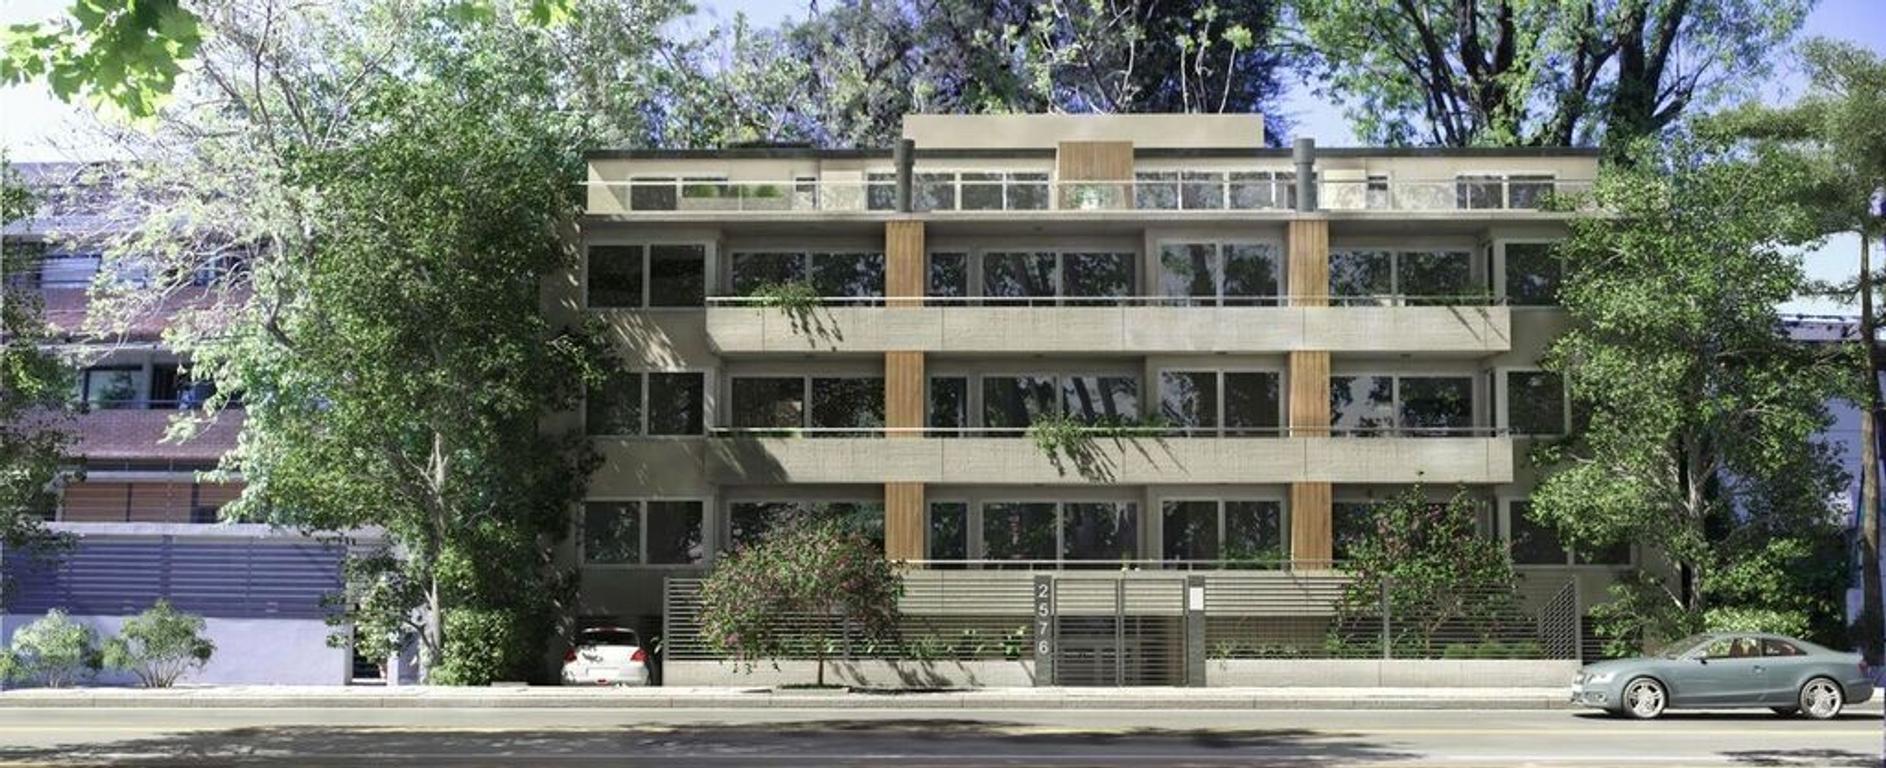 Departamento  en Venta ubicado en San Fernando, Zona Norte - LOM0532_LP122490_1